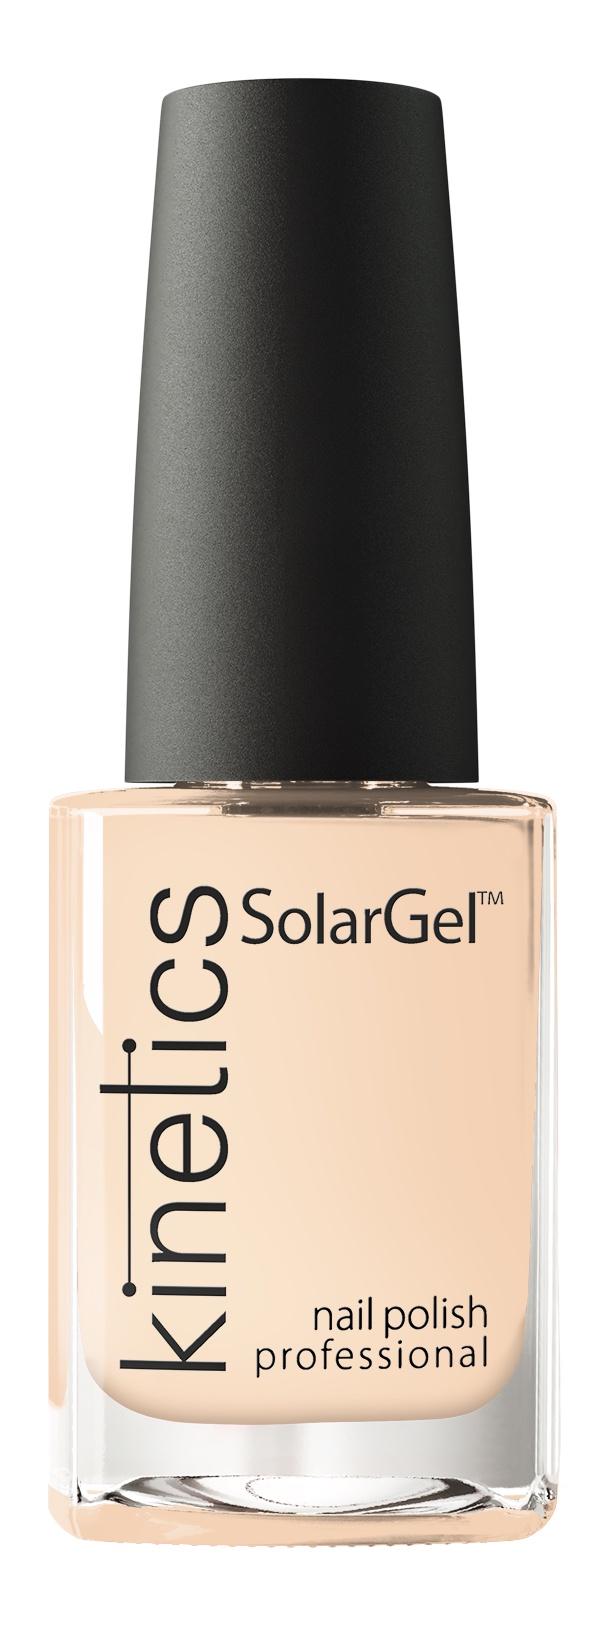 цены на Лак для ногтей Kinetics SolarGel Polish, профессиональный, 15 мл, тон 421  в интернет-магазинах